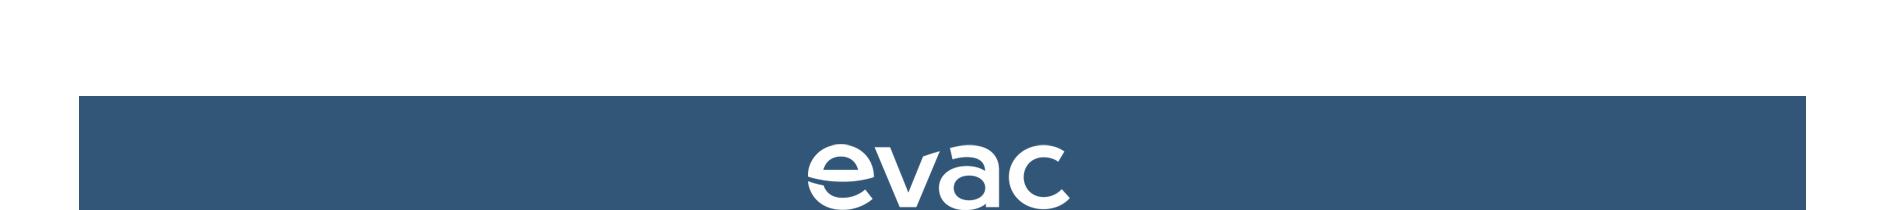 EVAC spare parts